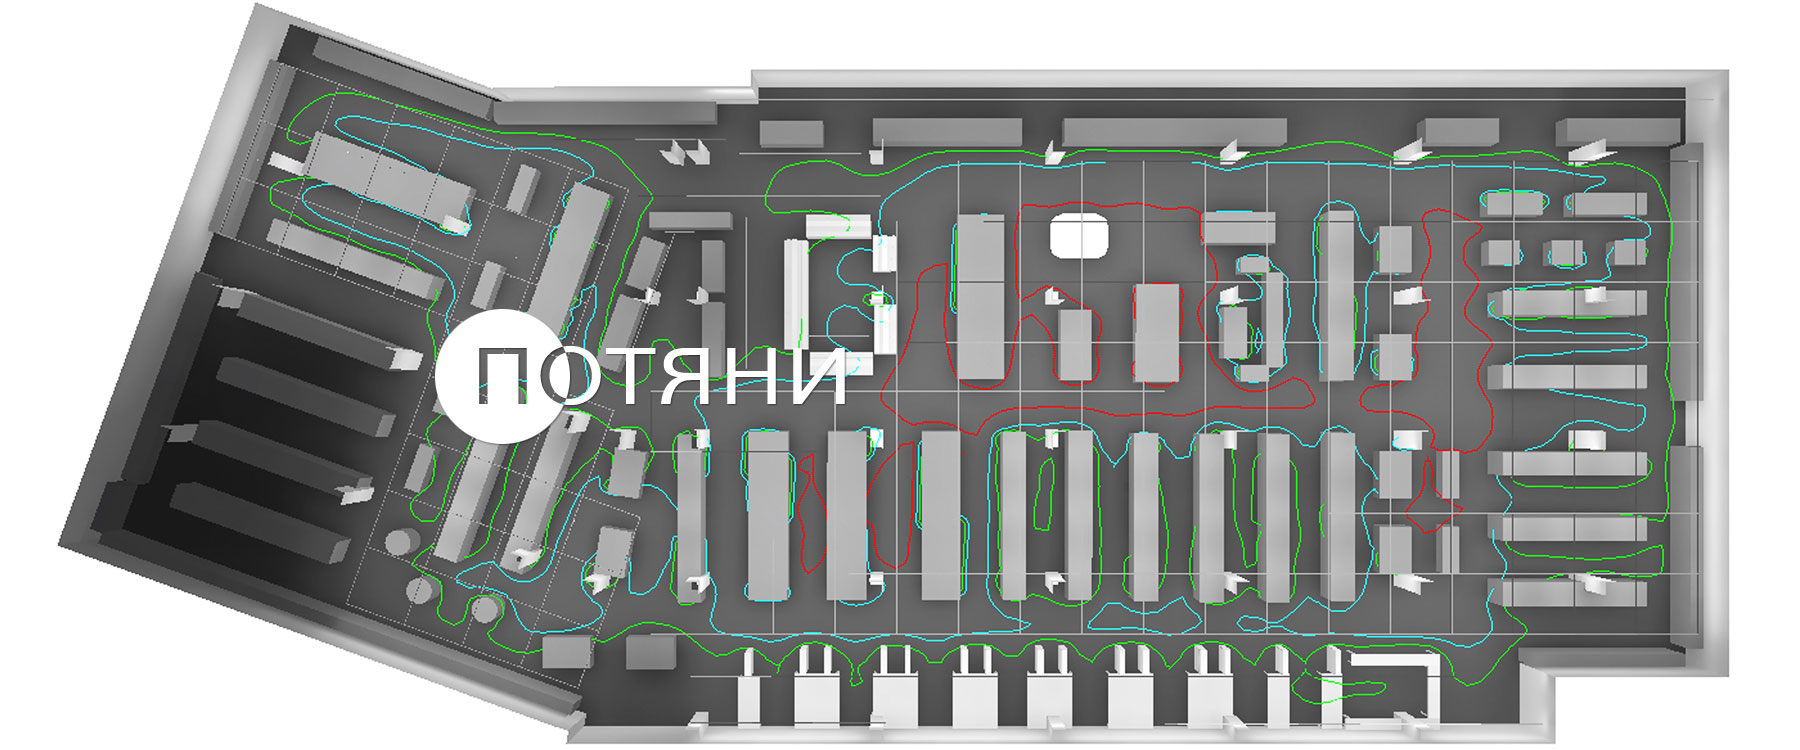 купить светодиодные светильники для торговых залов магазинов и гипермаркетов ledz e-Trade 35 CM var установлены в гипермаркете Green в Бресте на Махновича 6, светильники линейные для торговли купить в Москве